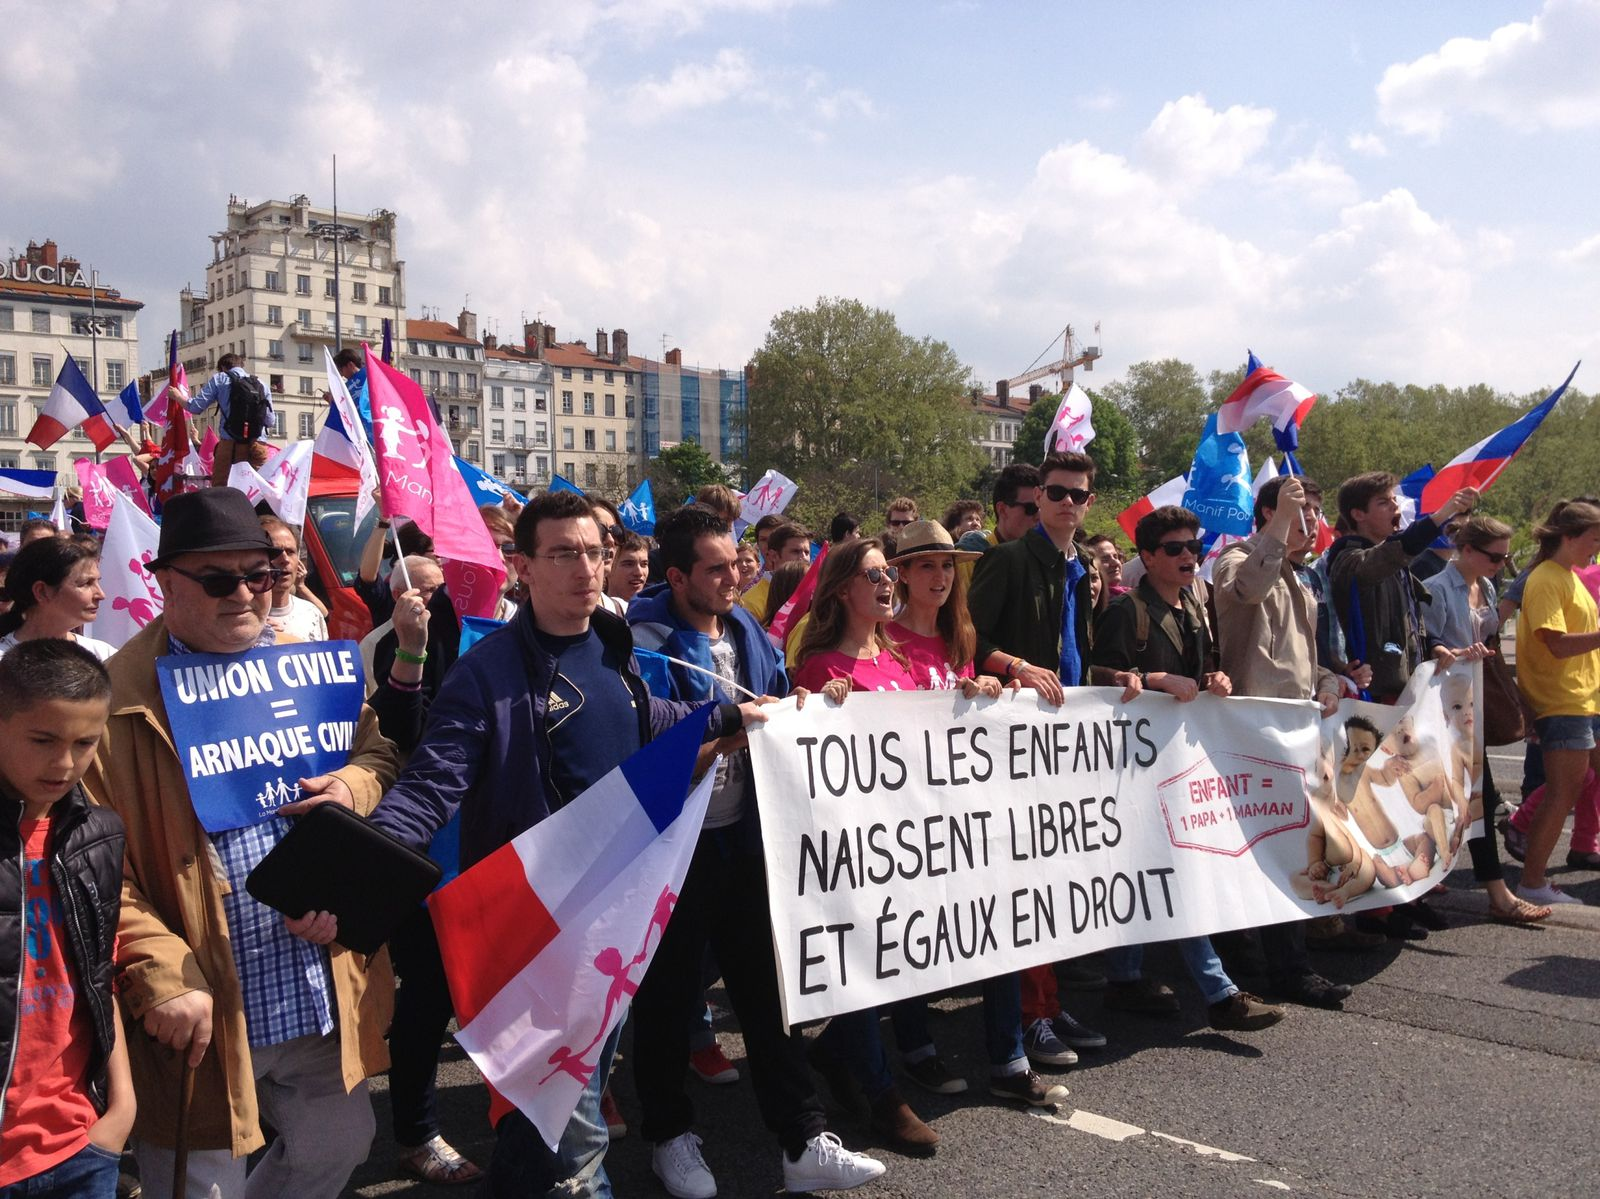 Retour sur le clash du 5 mai entre Frigide Barjot, venue imposer à tous l'Union Civile portée par l'UMP et une grosse partie des manifestants opposés à l'Union Civile. Pour réussir, la Manif du 26 mai à Paris ne devra pas renouveller les mêmes errements de part et d'autre! Il en va de la suite du mouvement!